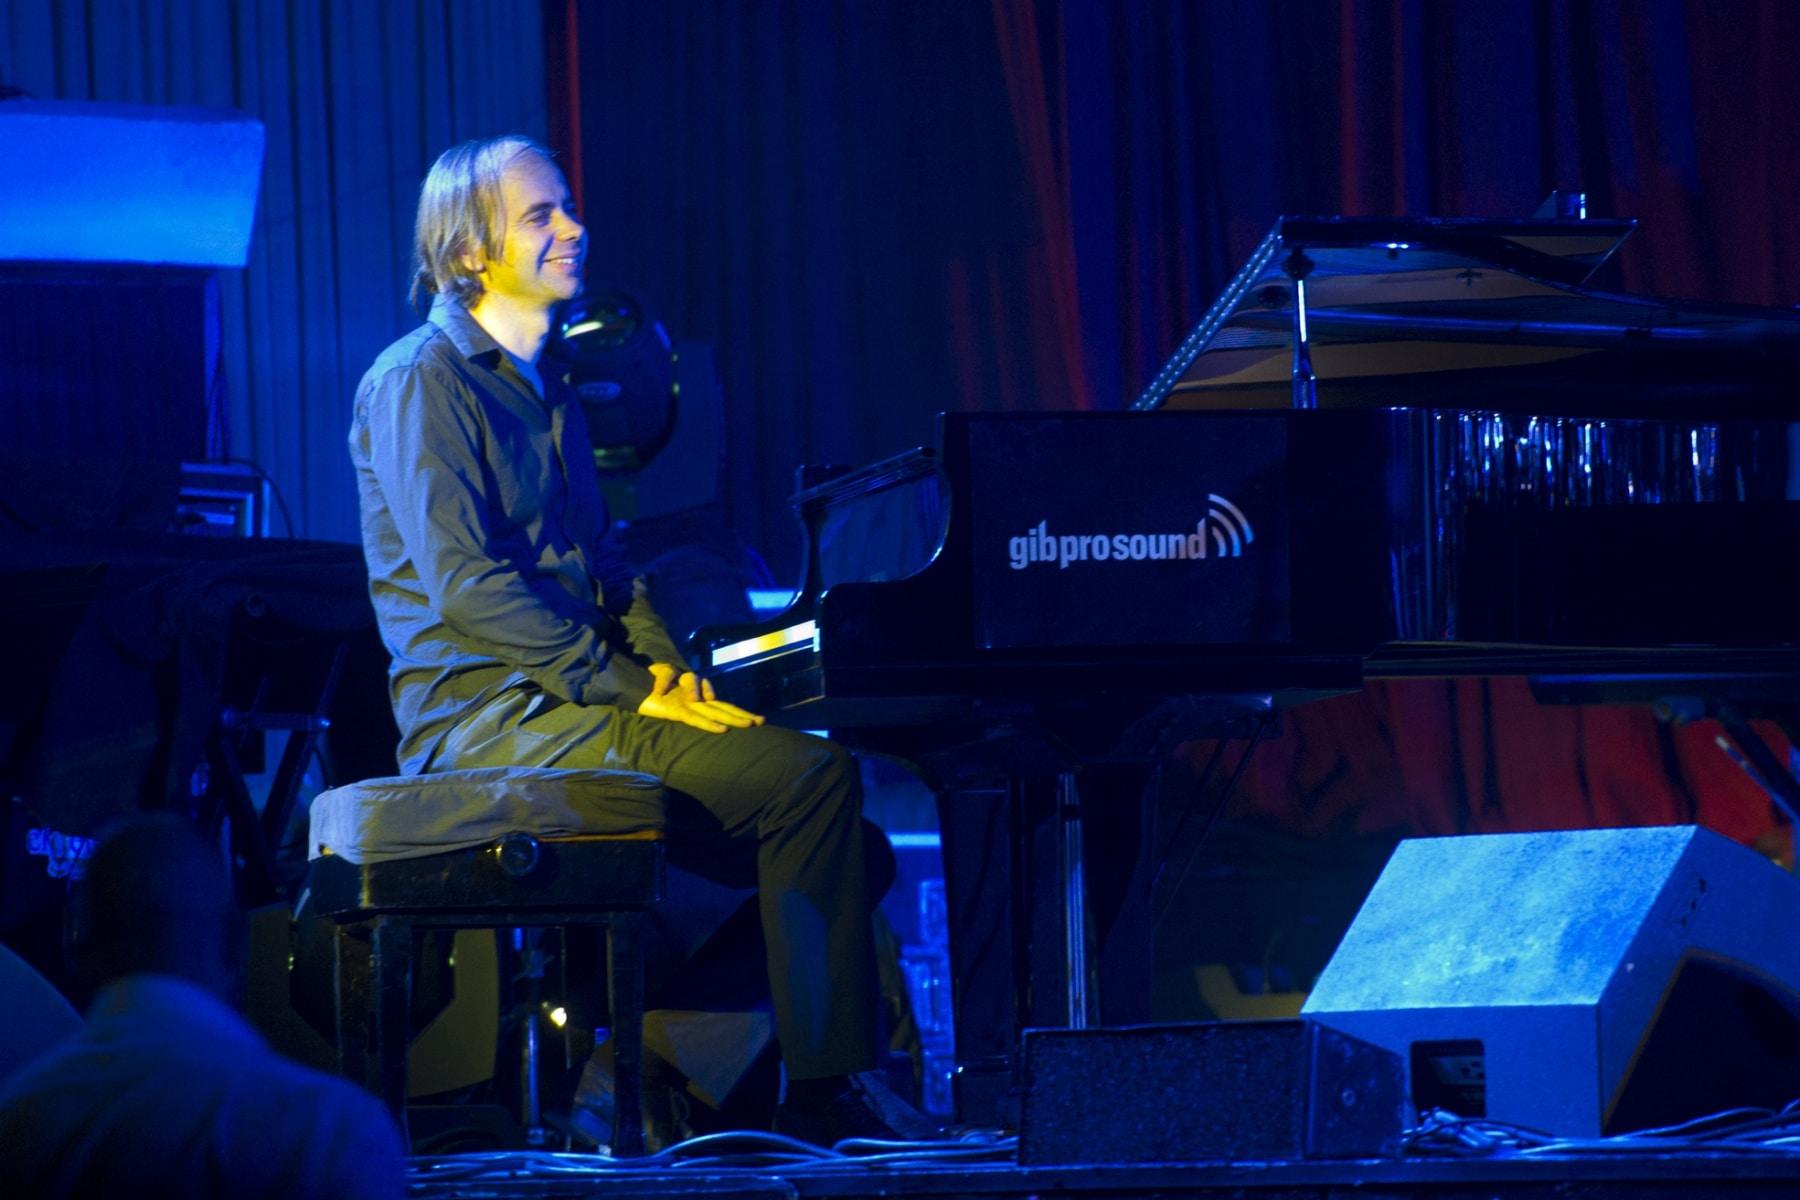 festival-internacional-de-jazz-gibraltar-25102014-23_15010228704_o